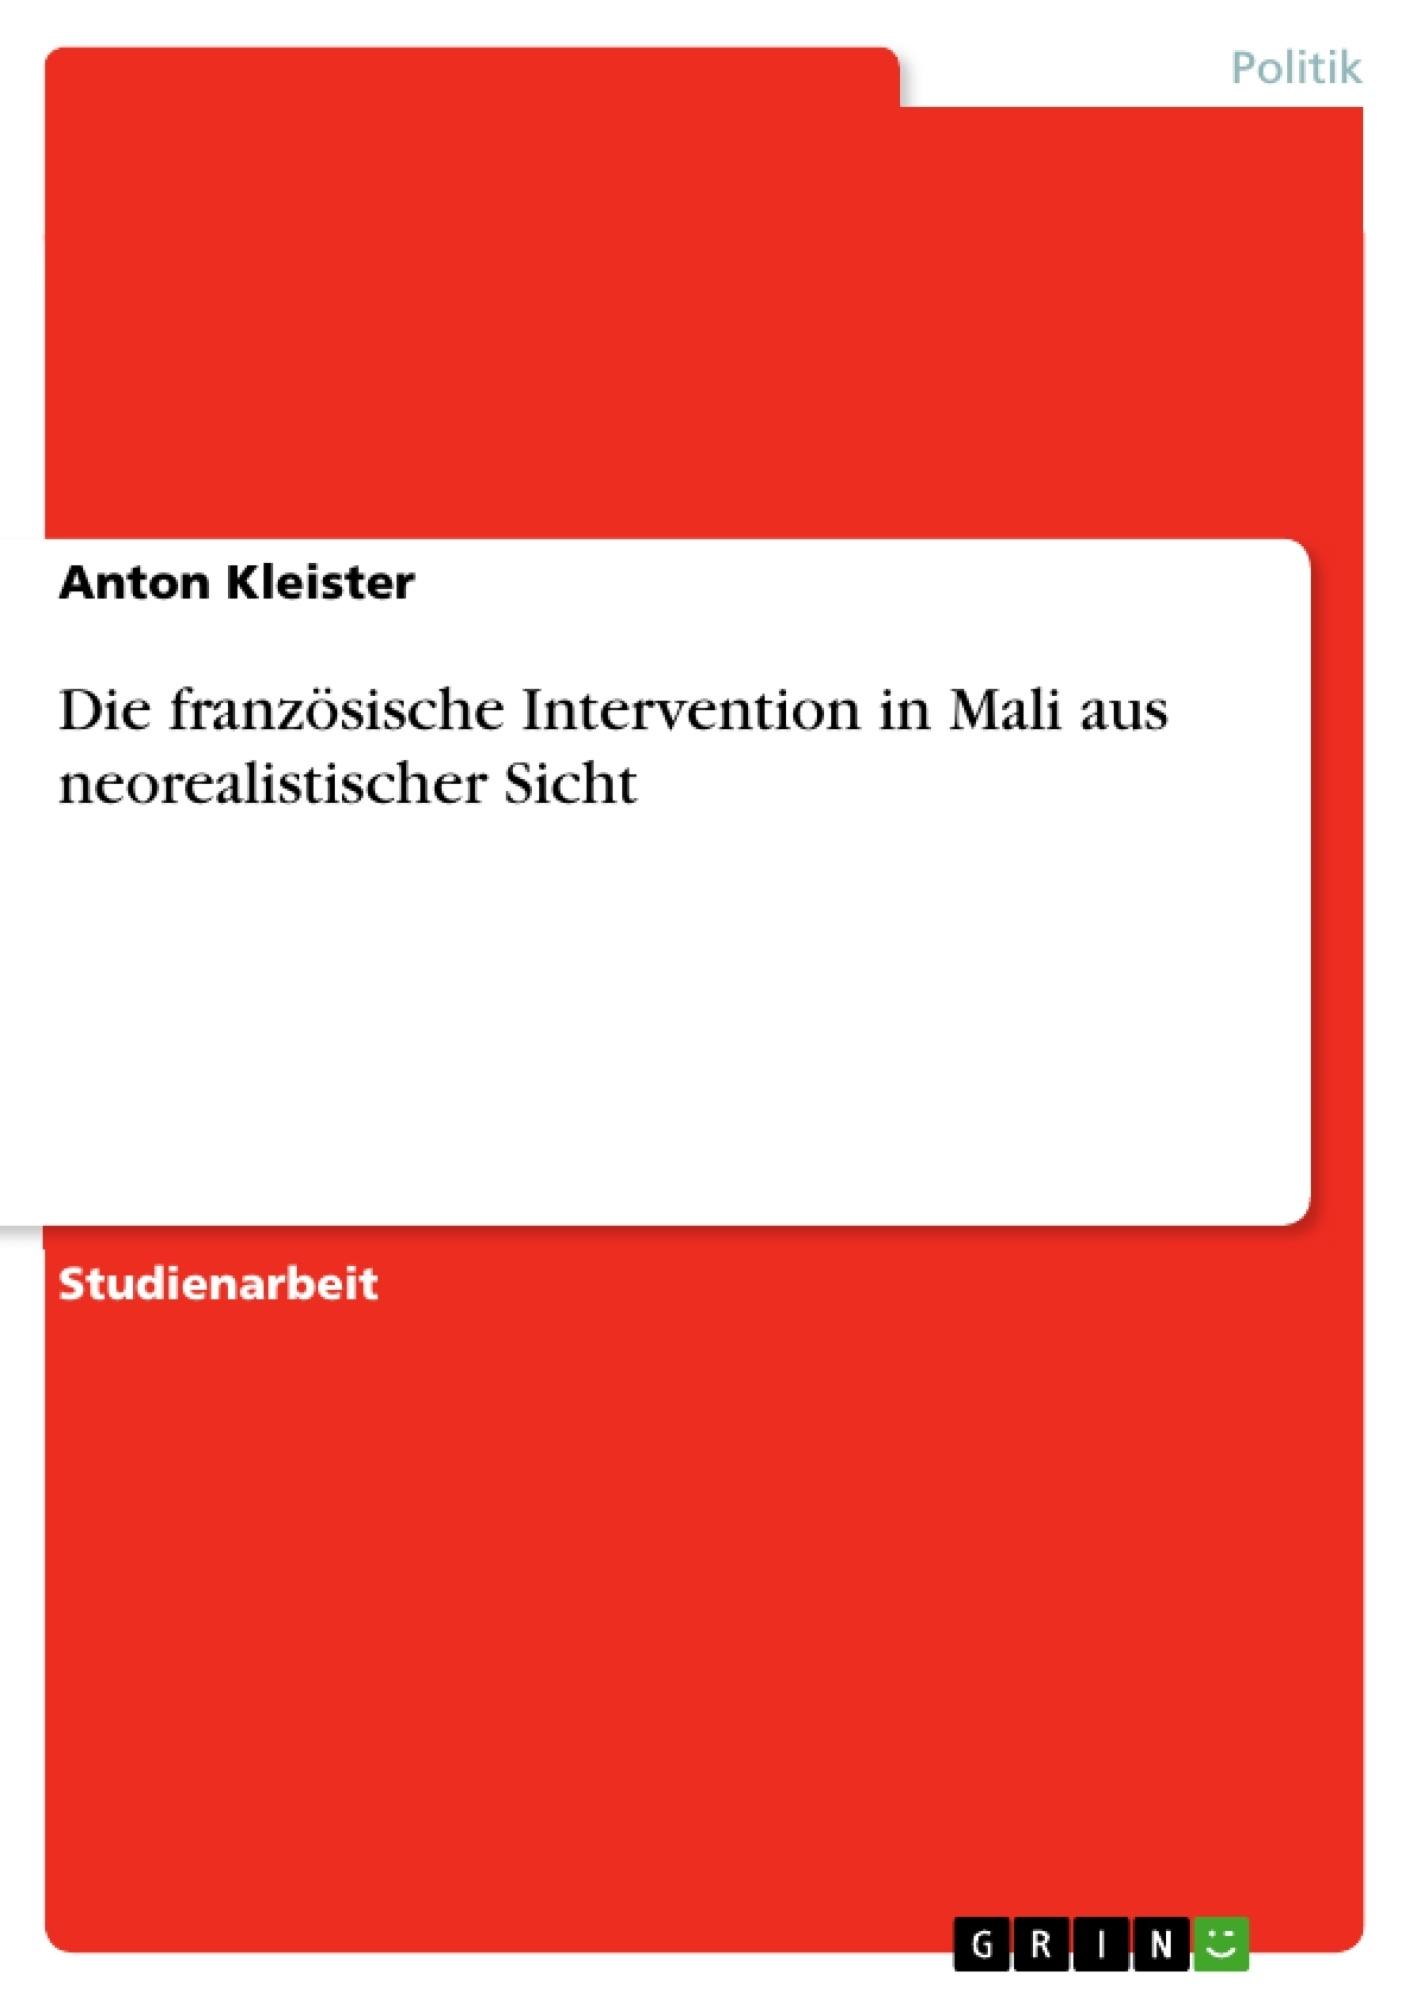 Titel: Die französische Intervention in Mali aus neorealistischer Sicht